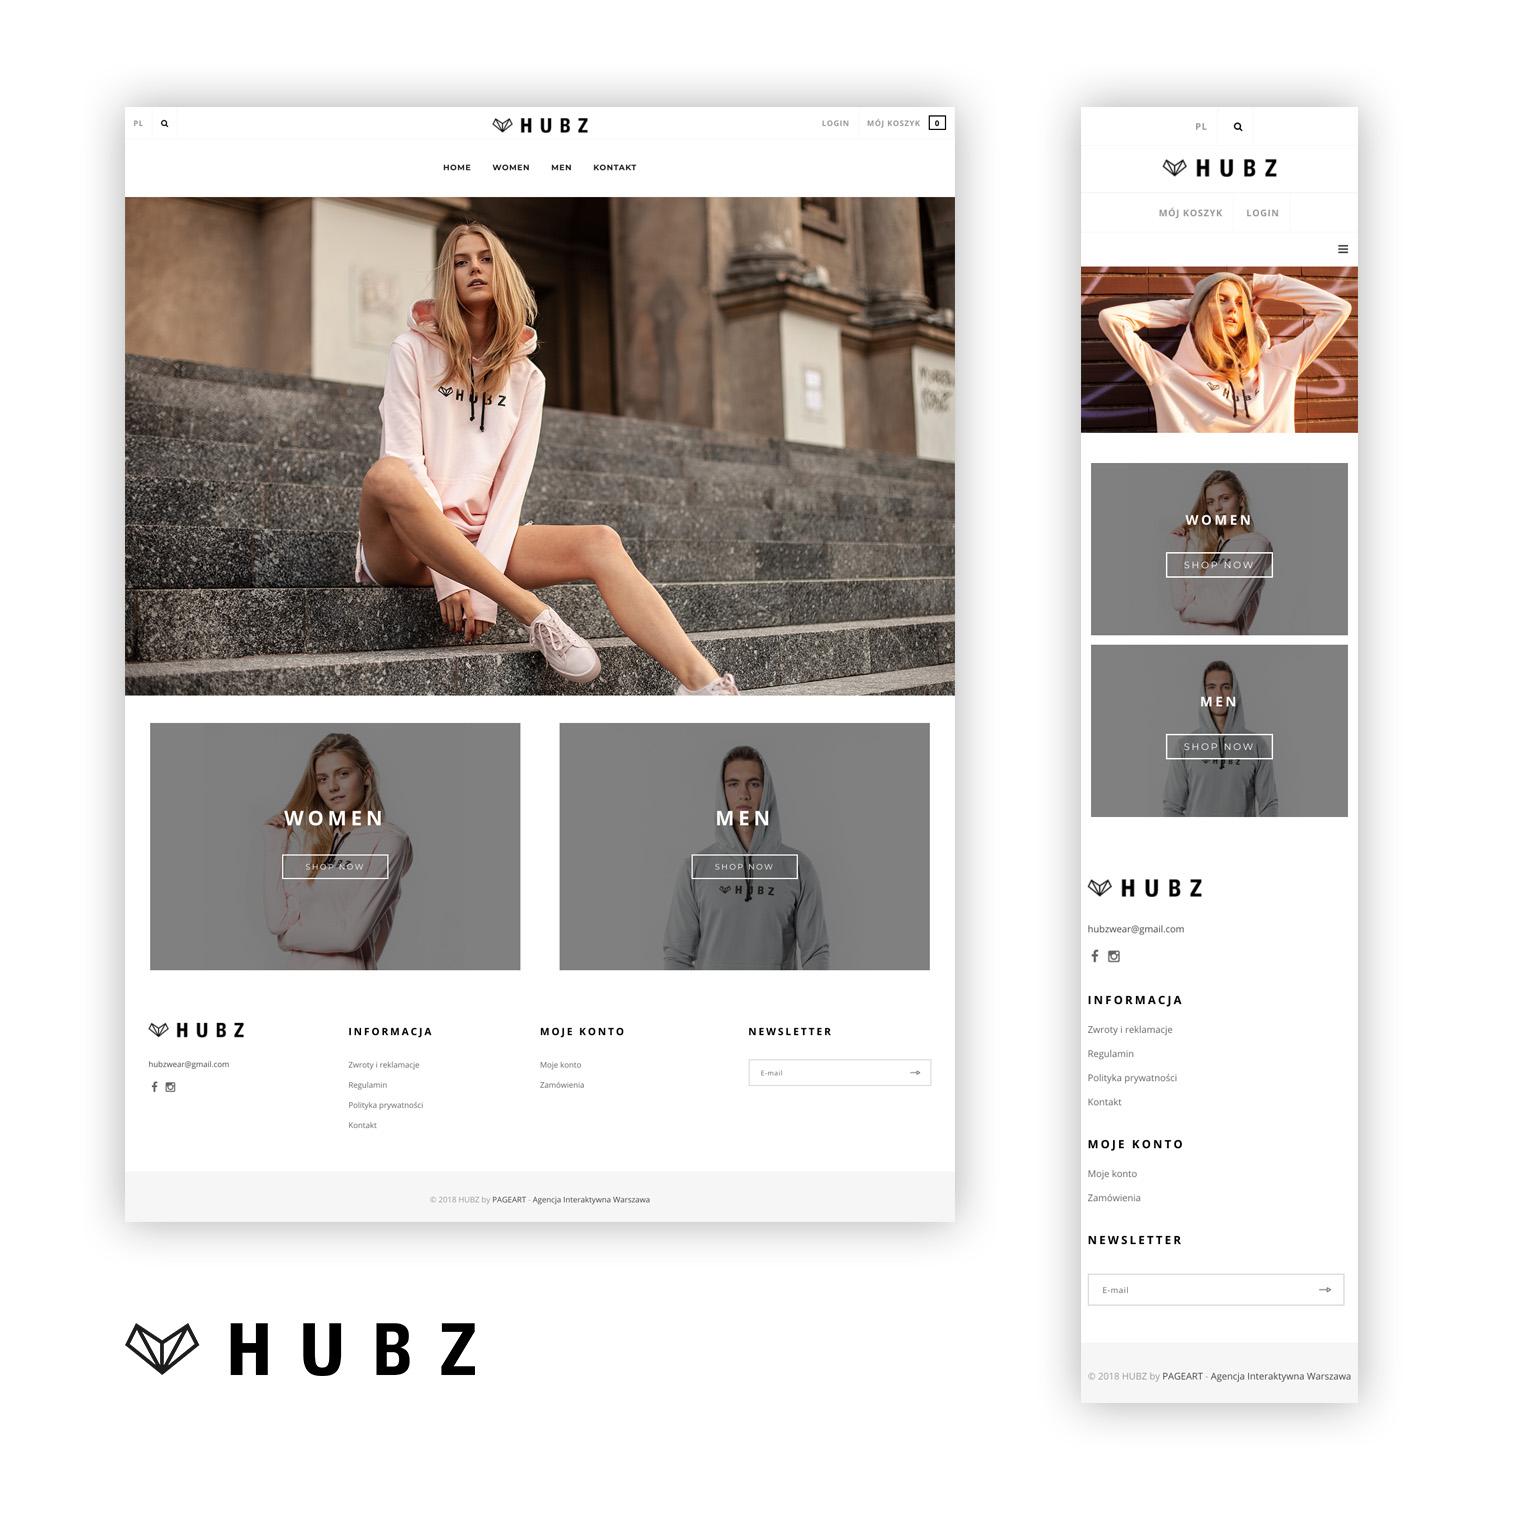 HUBZ Streetwear Brand